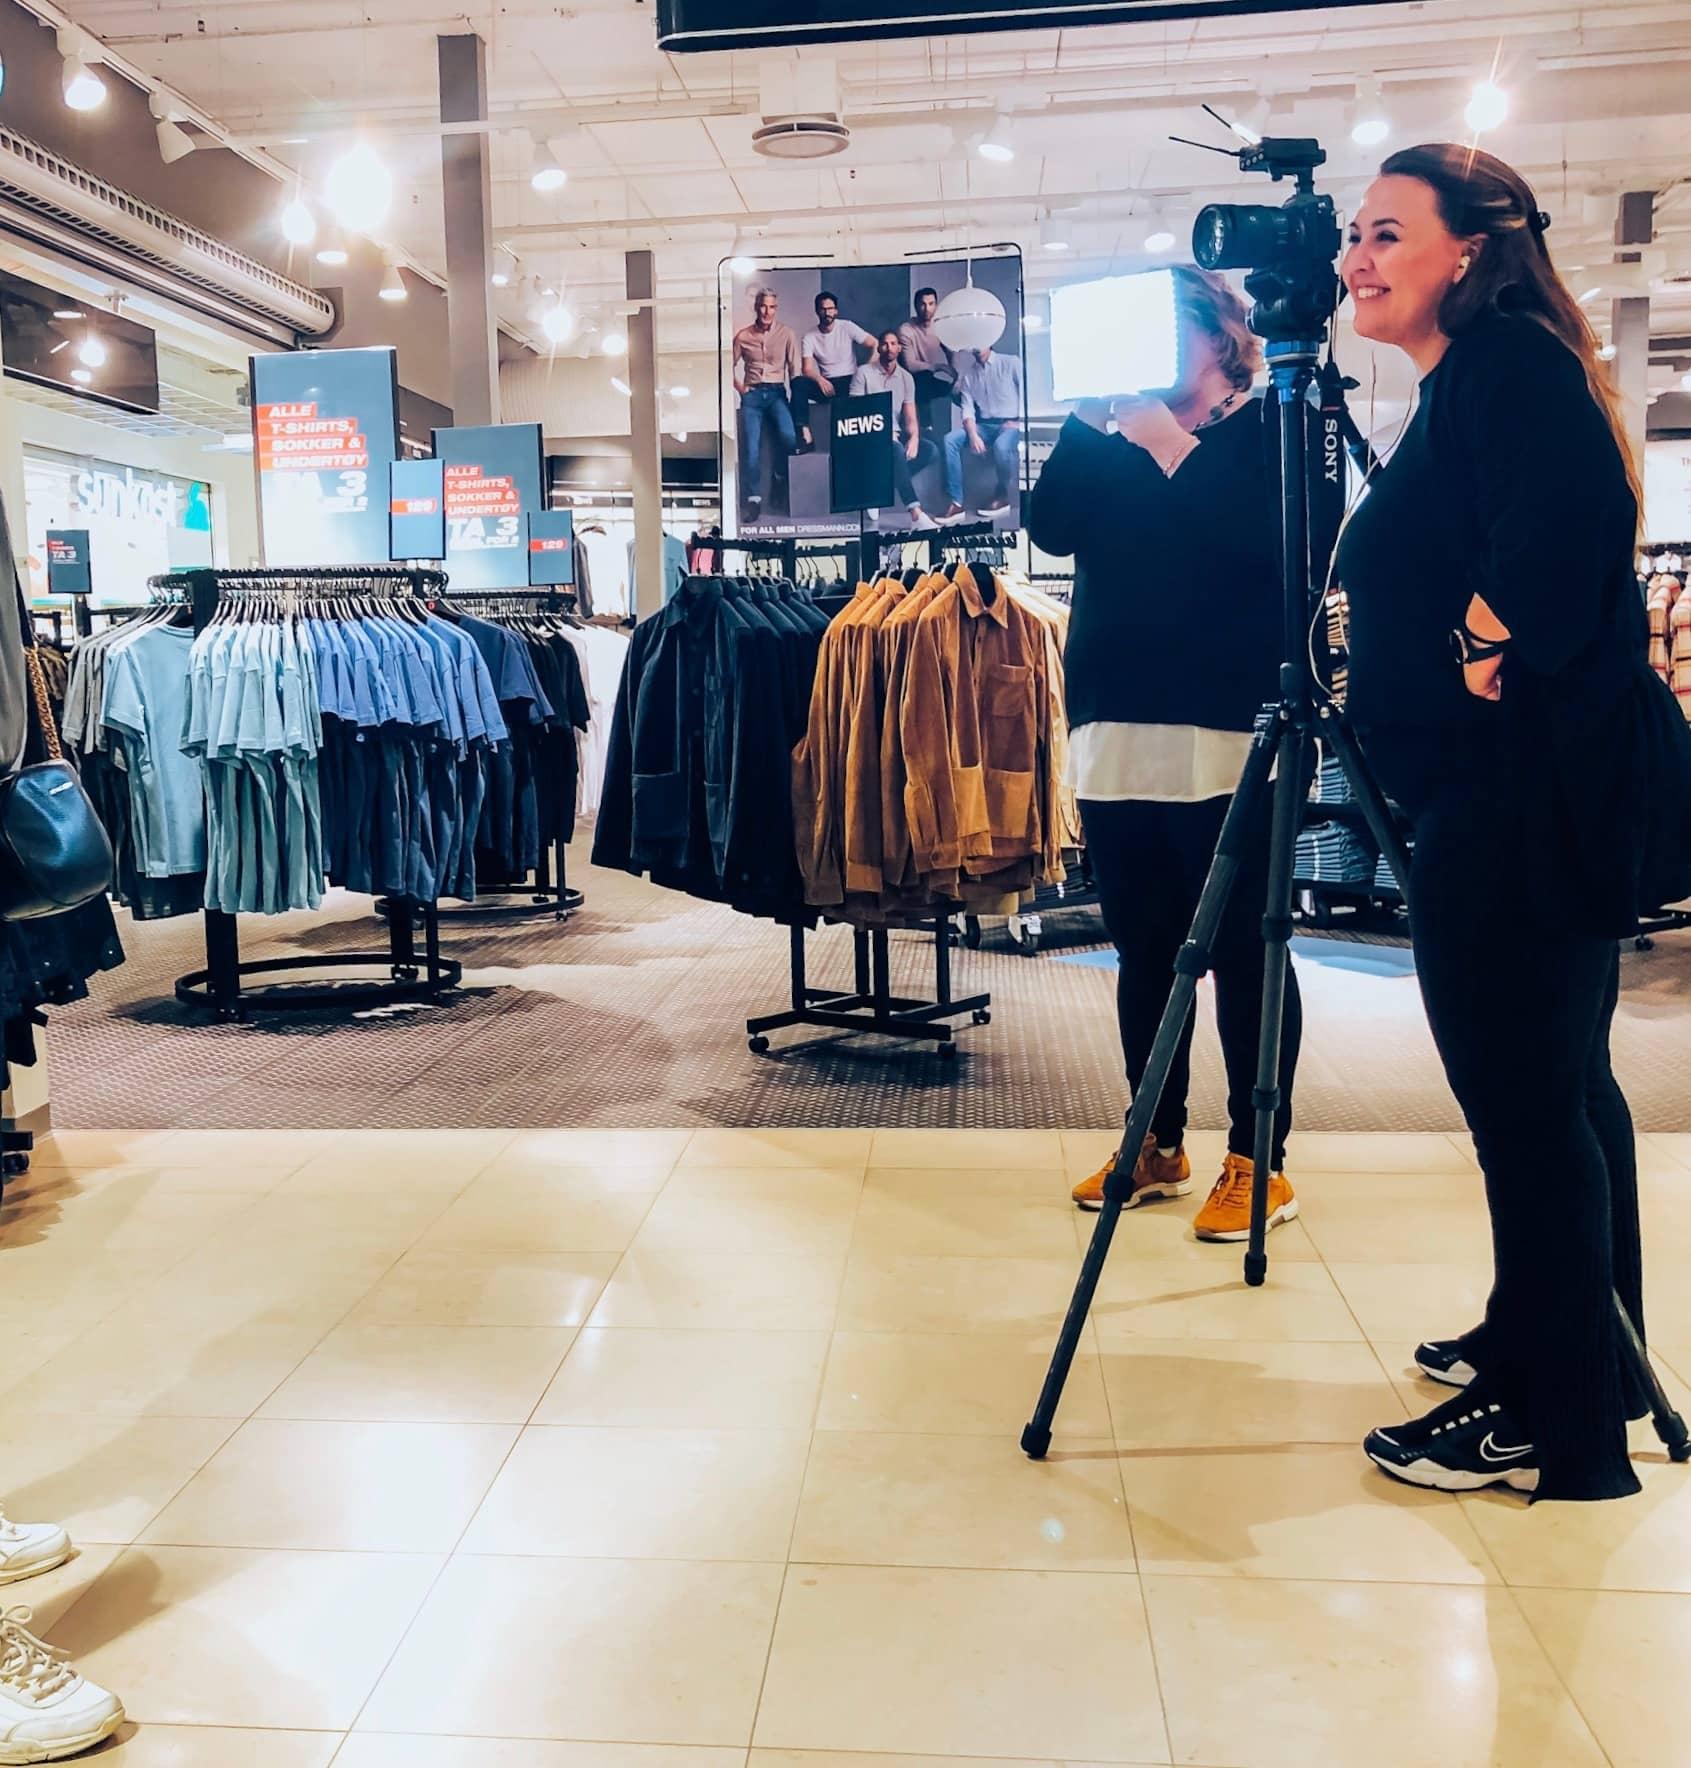 Standing, Snapshot, Fashion